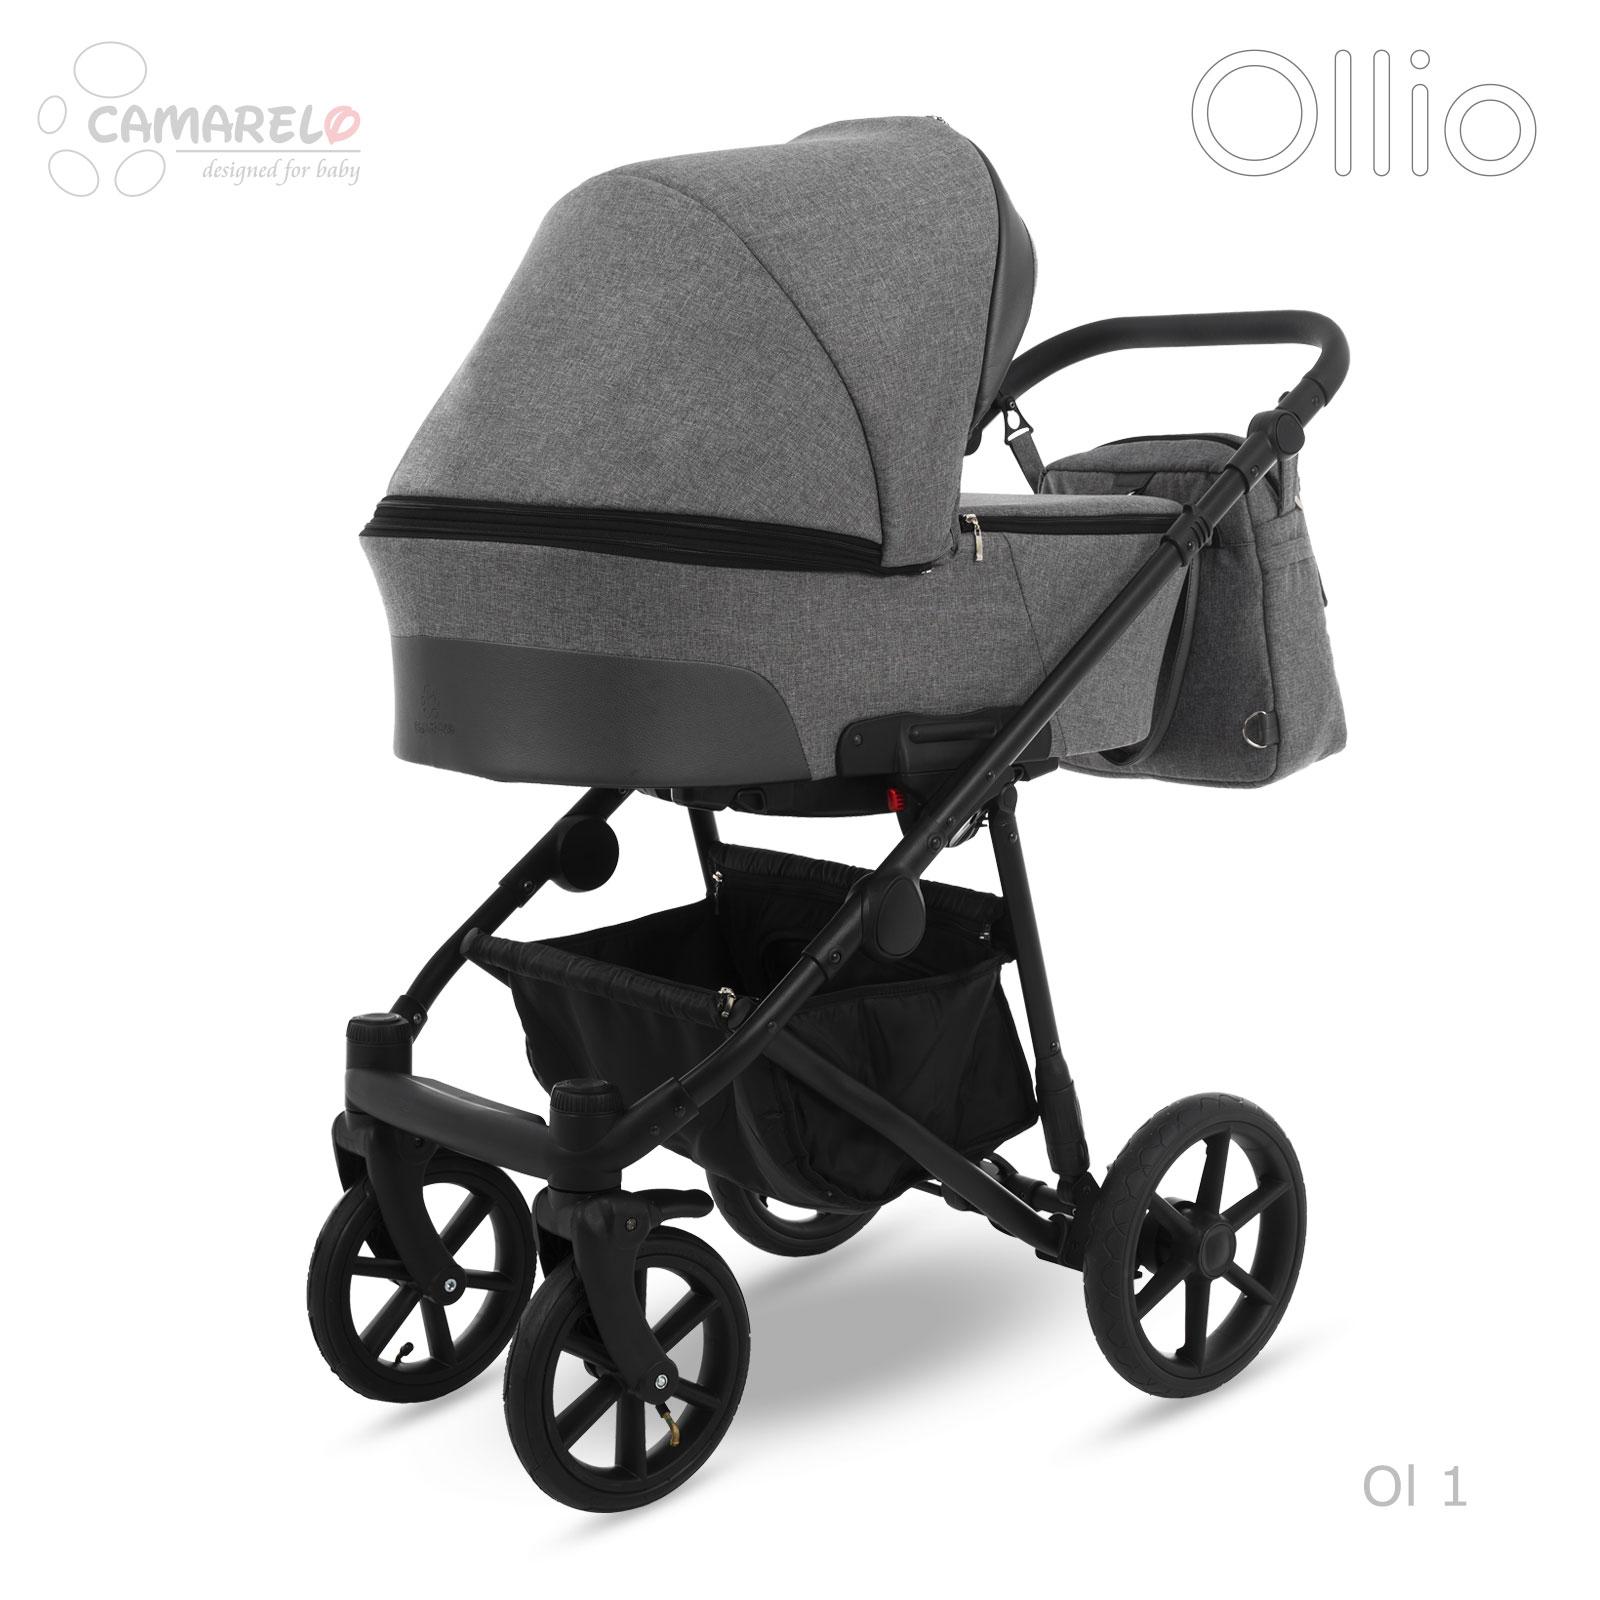 Ollio-1-03